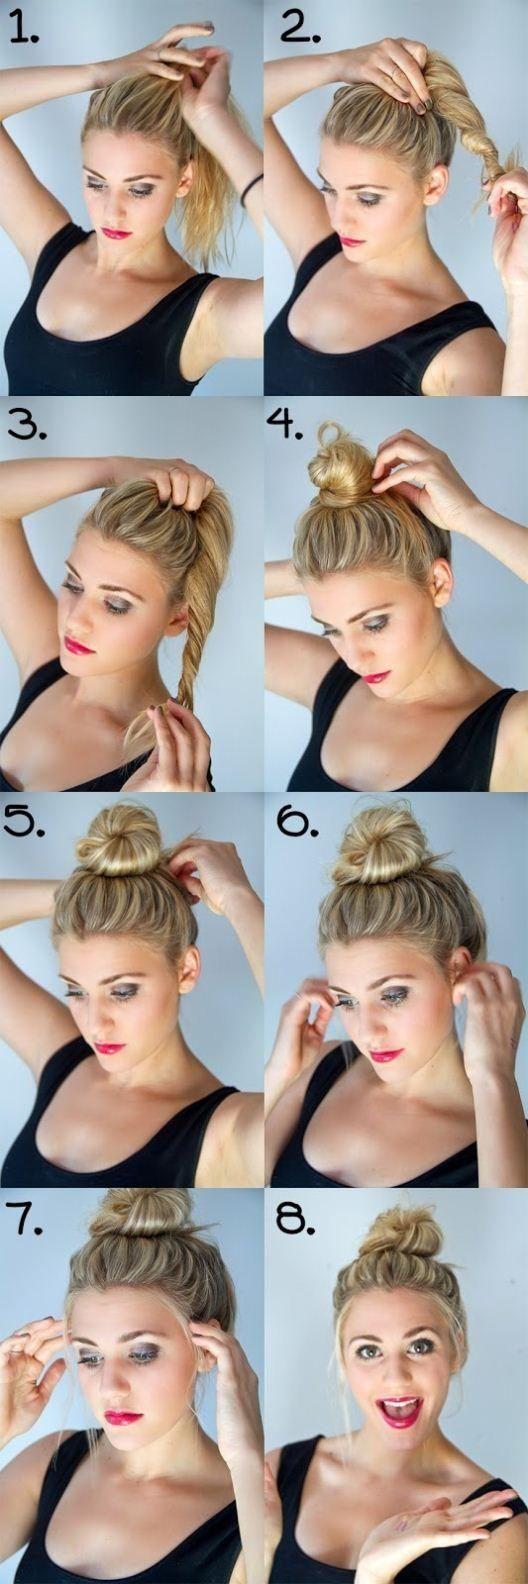 Coafuri Păr Lung Câteva Idei Simple și Interesante Pentru Oricine